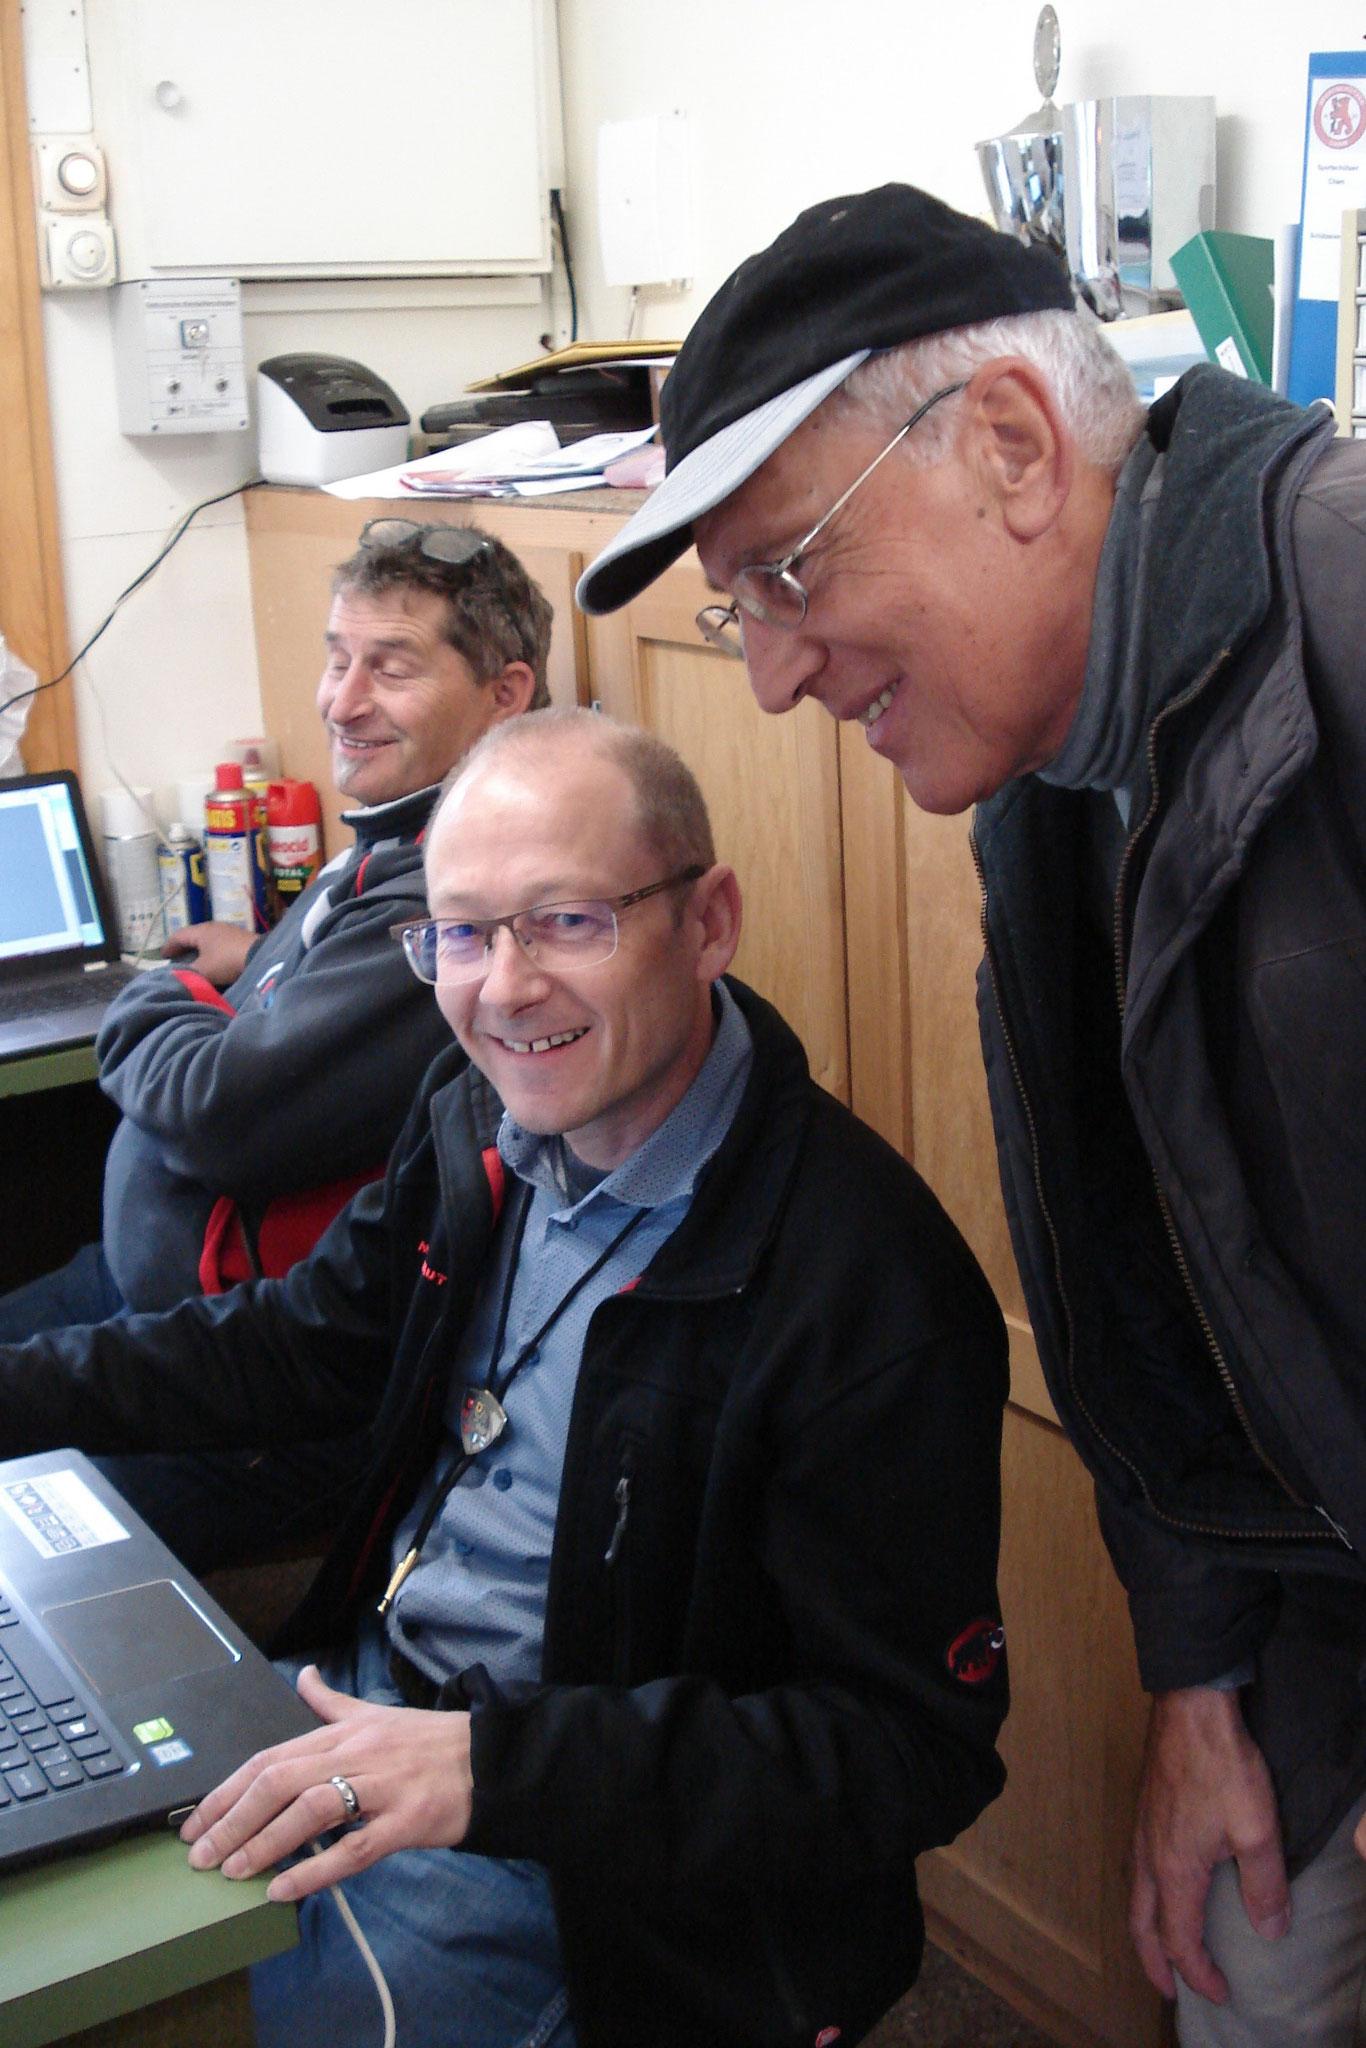 Resultateingabe wird kontrolliert, von links: Peter Schicker, Peter Odermatt, André Sigrist